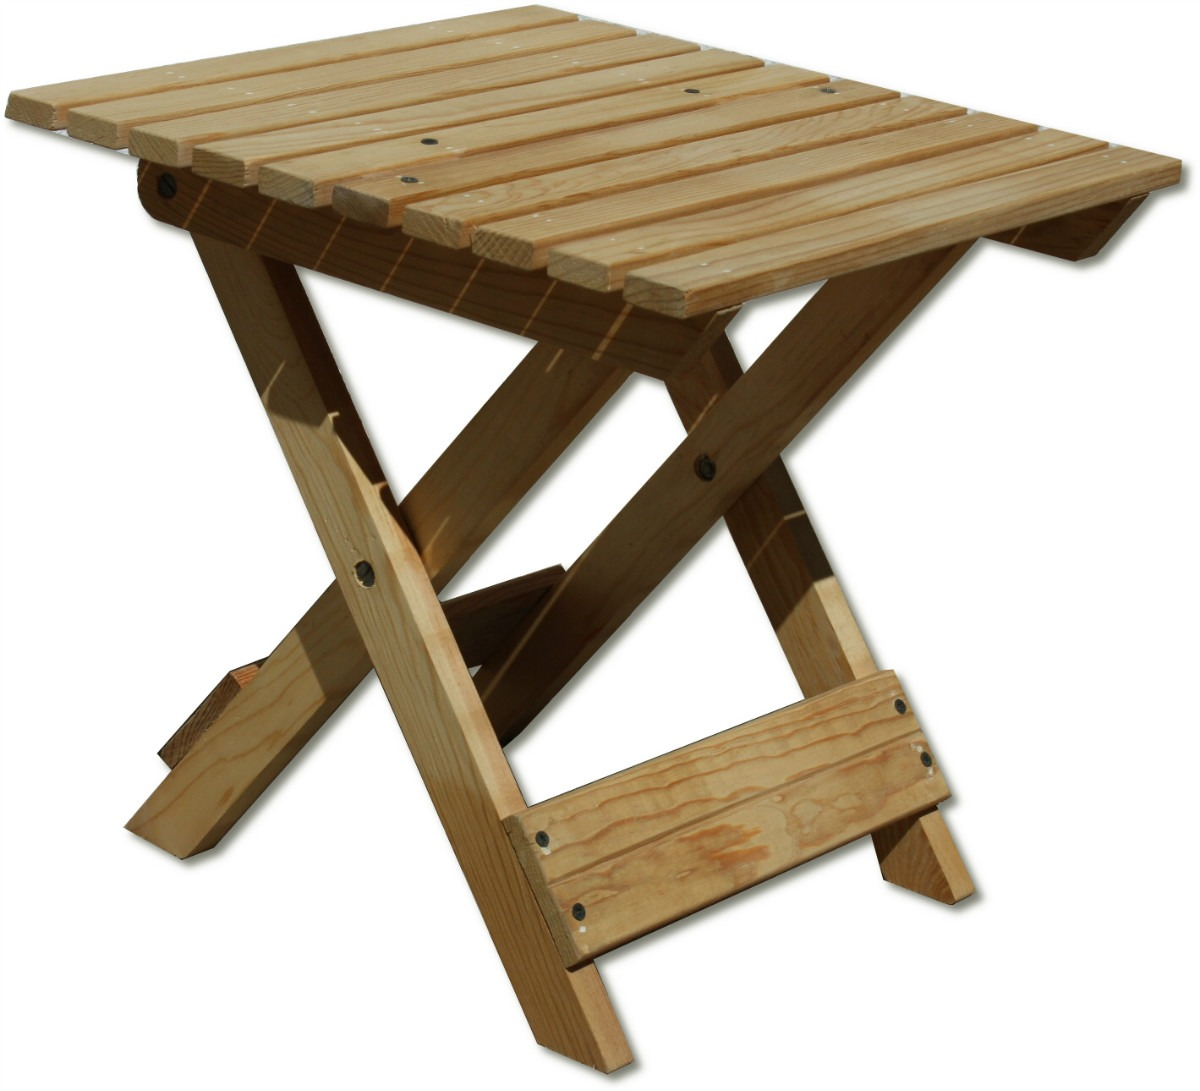 banco de jard n mueble plegable madera jardin interiores